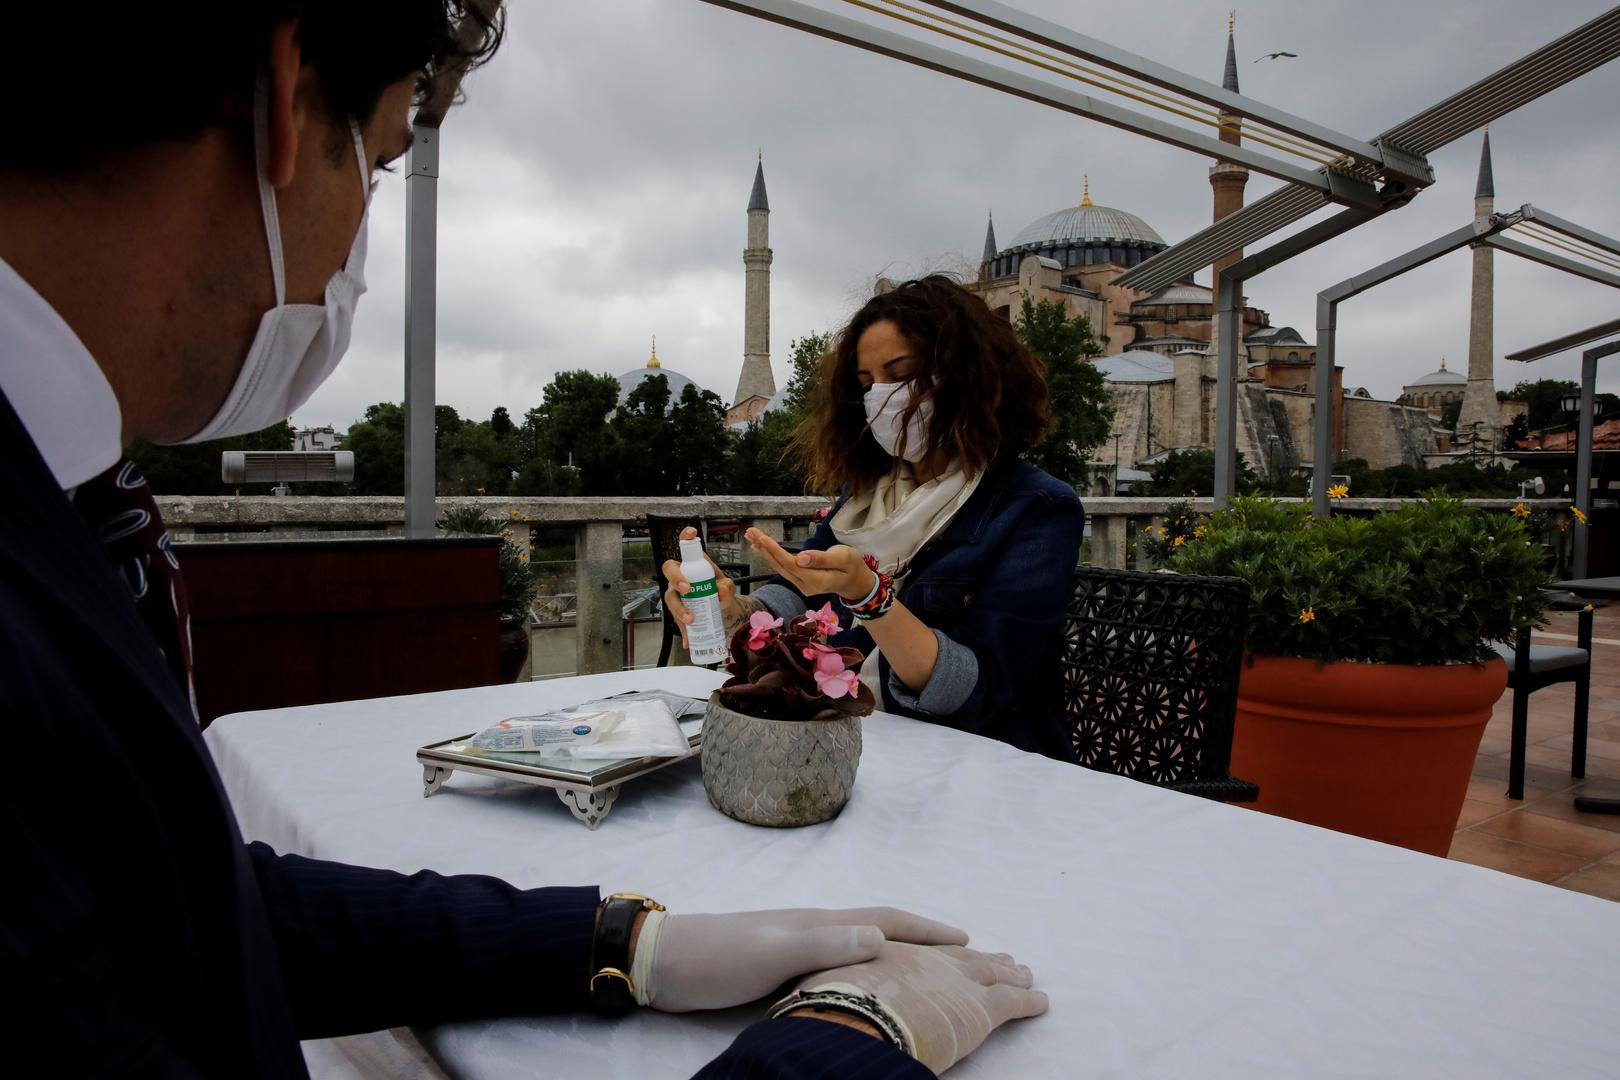 بسبب كورونا.. عدد الوافدين الأجانب إلى تركيا أقل من رُبع المسجل في 2019